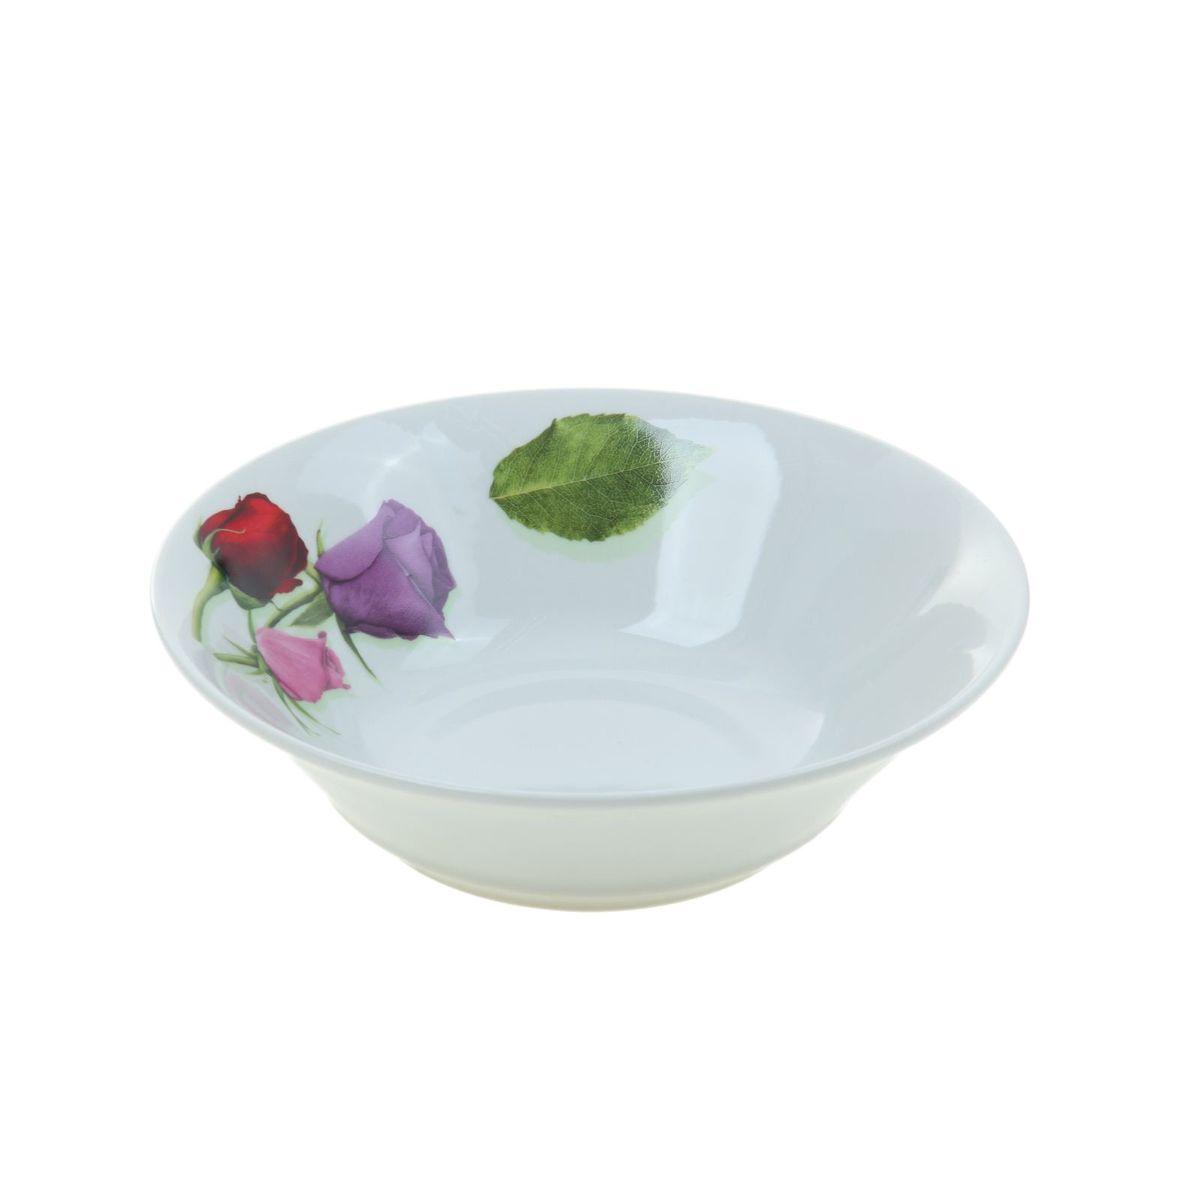 Салатник Идиллия. Королева цветов, 1,15 л1035445Элегантный салатник Идиллия. Королева цветов, изготовленный из высококачественного фарфора, имеет изысканный внешний вид. Яркий дизайн придется по вкусу и ценителям классики, и тем, кто предпочитает утонченность. Салатник Идиллия. Королева цветов идеально подойдет для сервировки стола и станет отличным подарком к любому празднику.